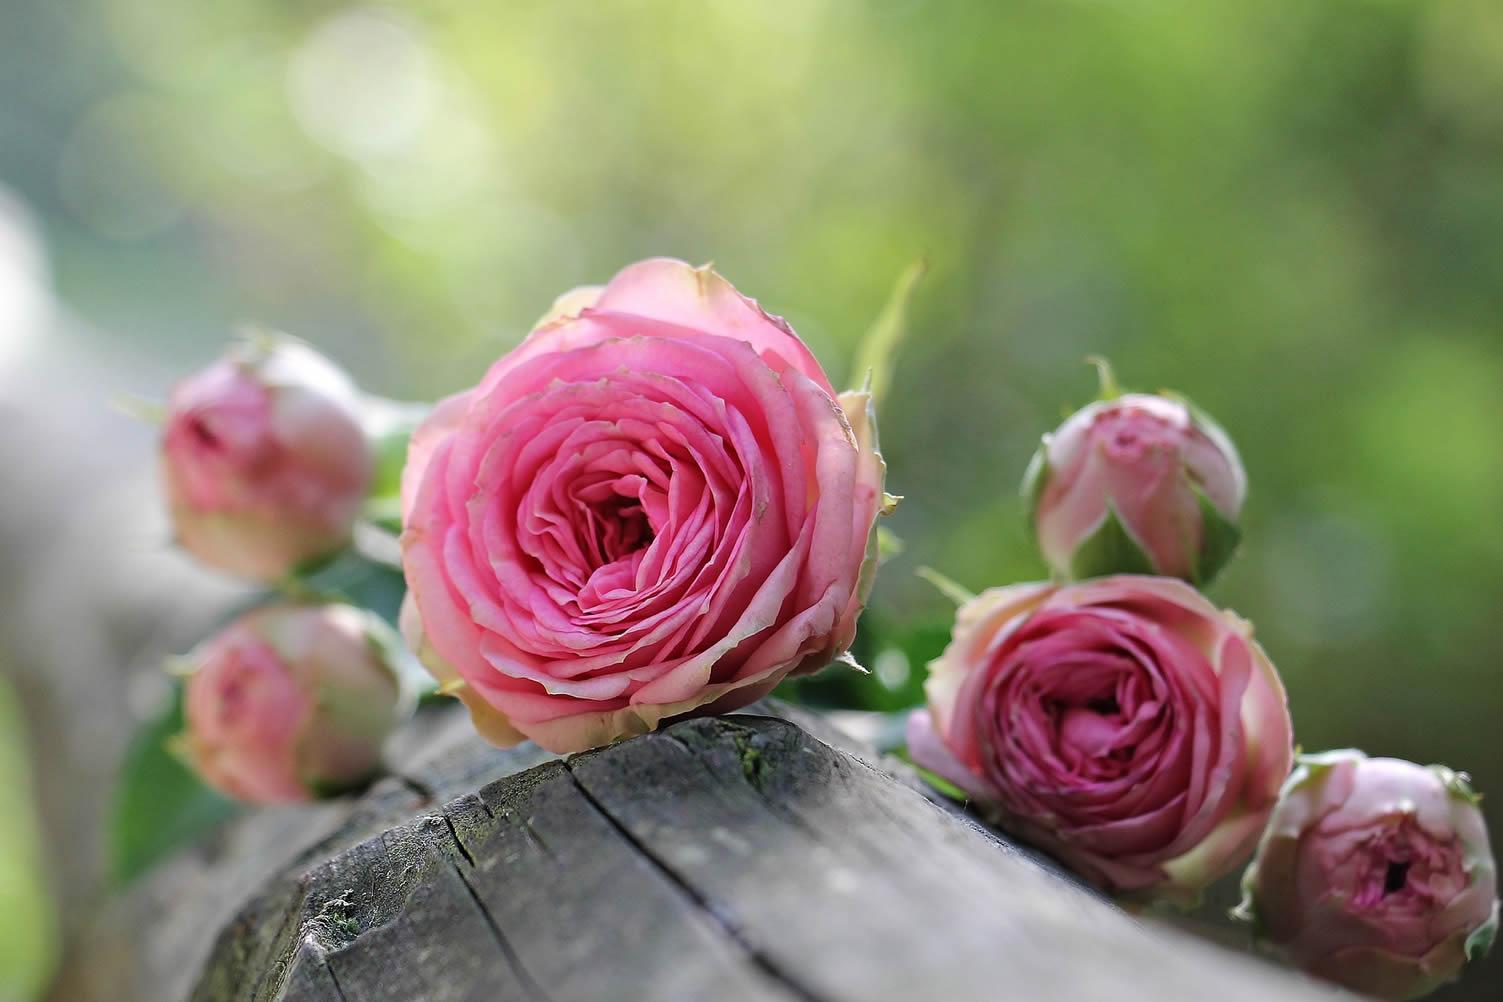 rose post